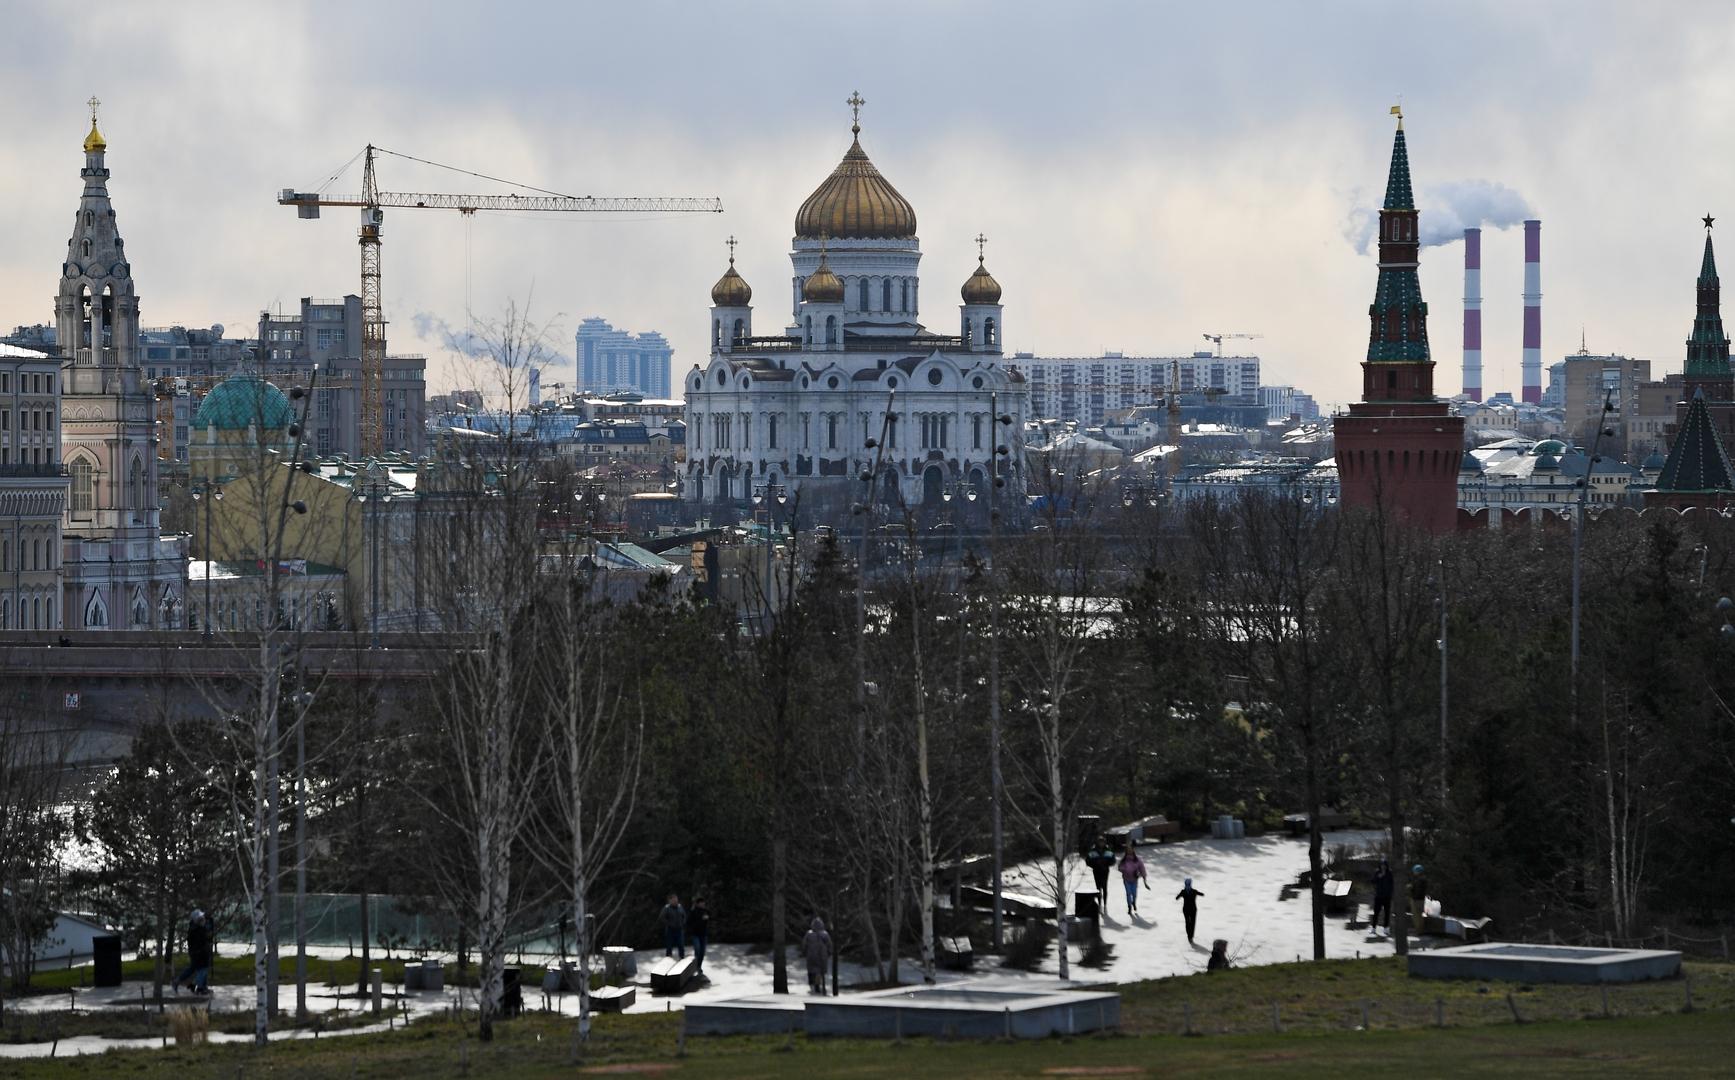 السلطات الصحية الروسية: نتوقع الوصول لذروة وباء كورونا بعد 10-14 يوما